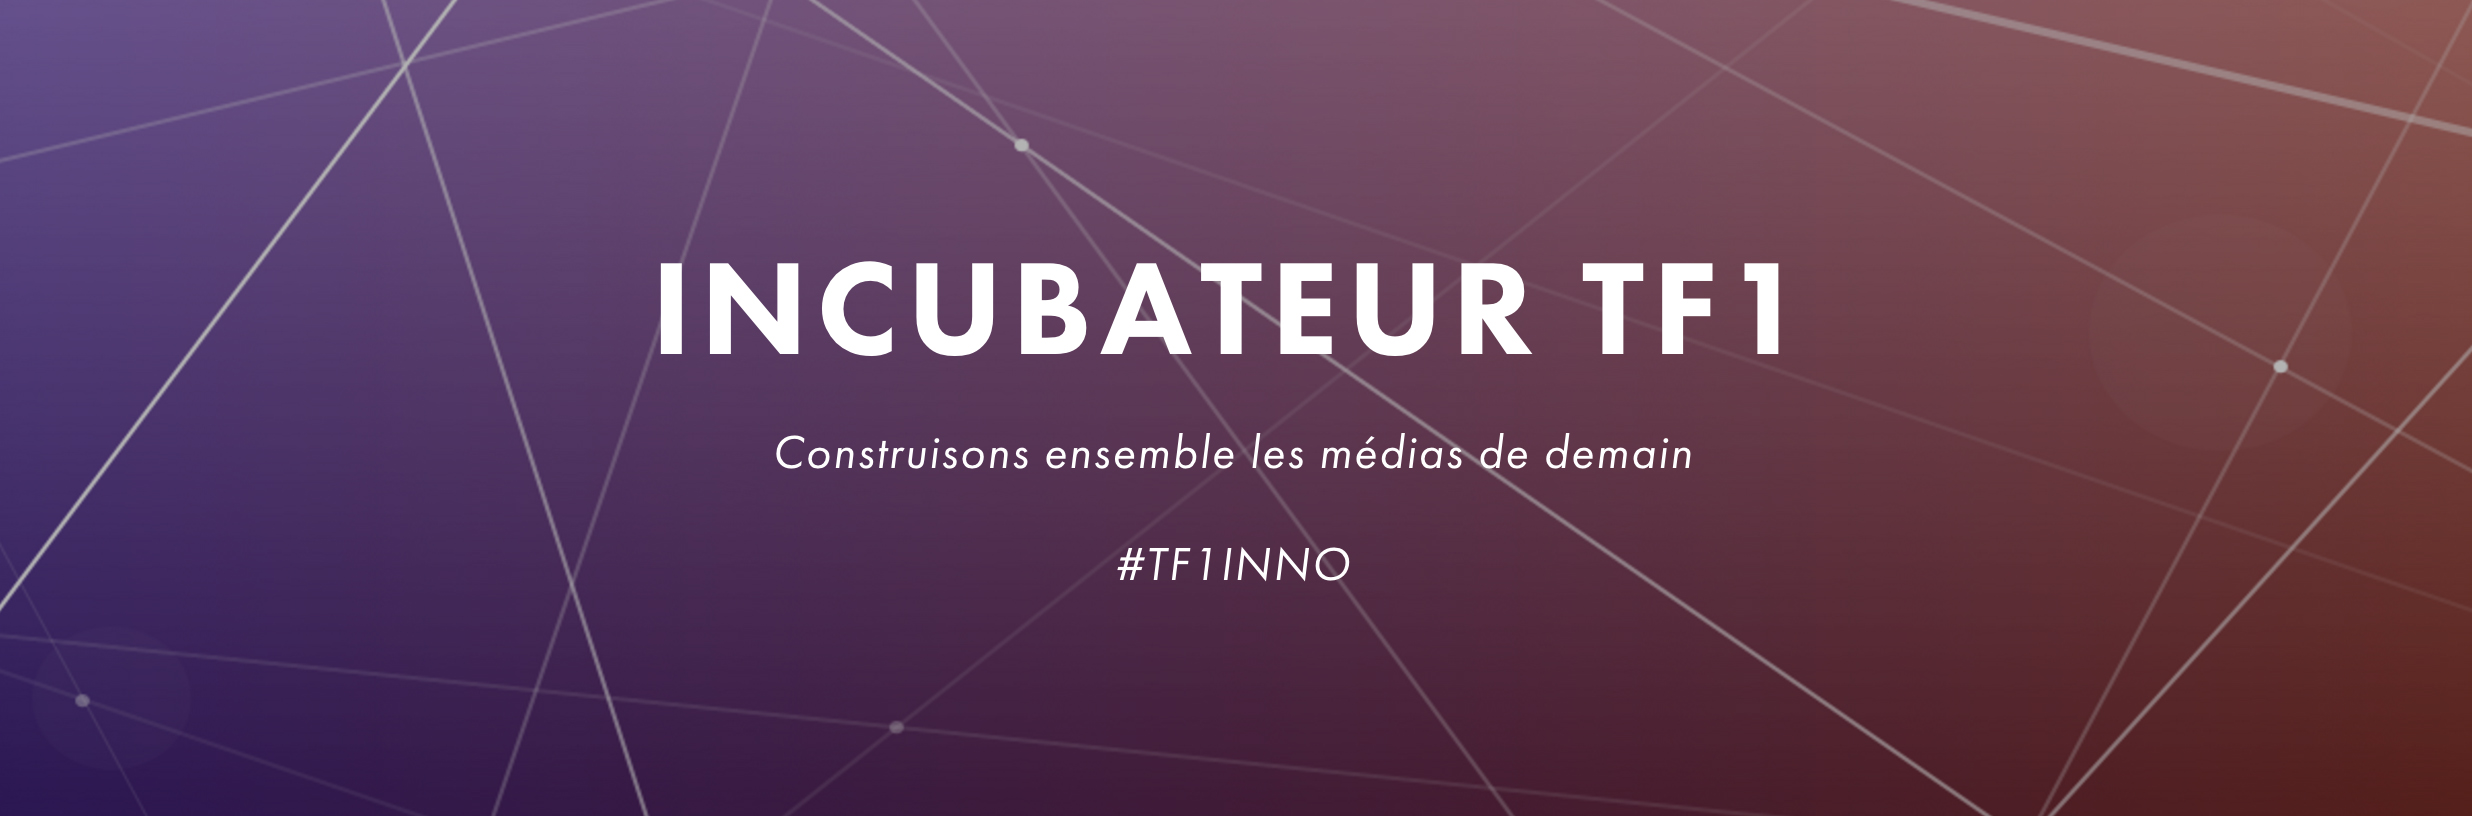 Le groupe TF1 lance la deuxième saison de son programme d'incubation